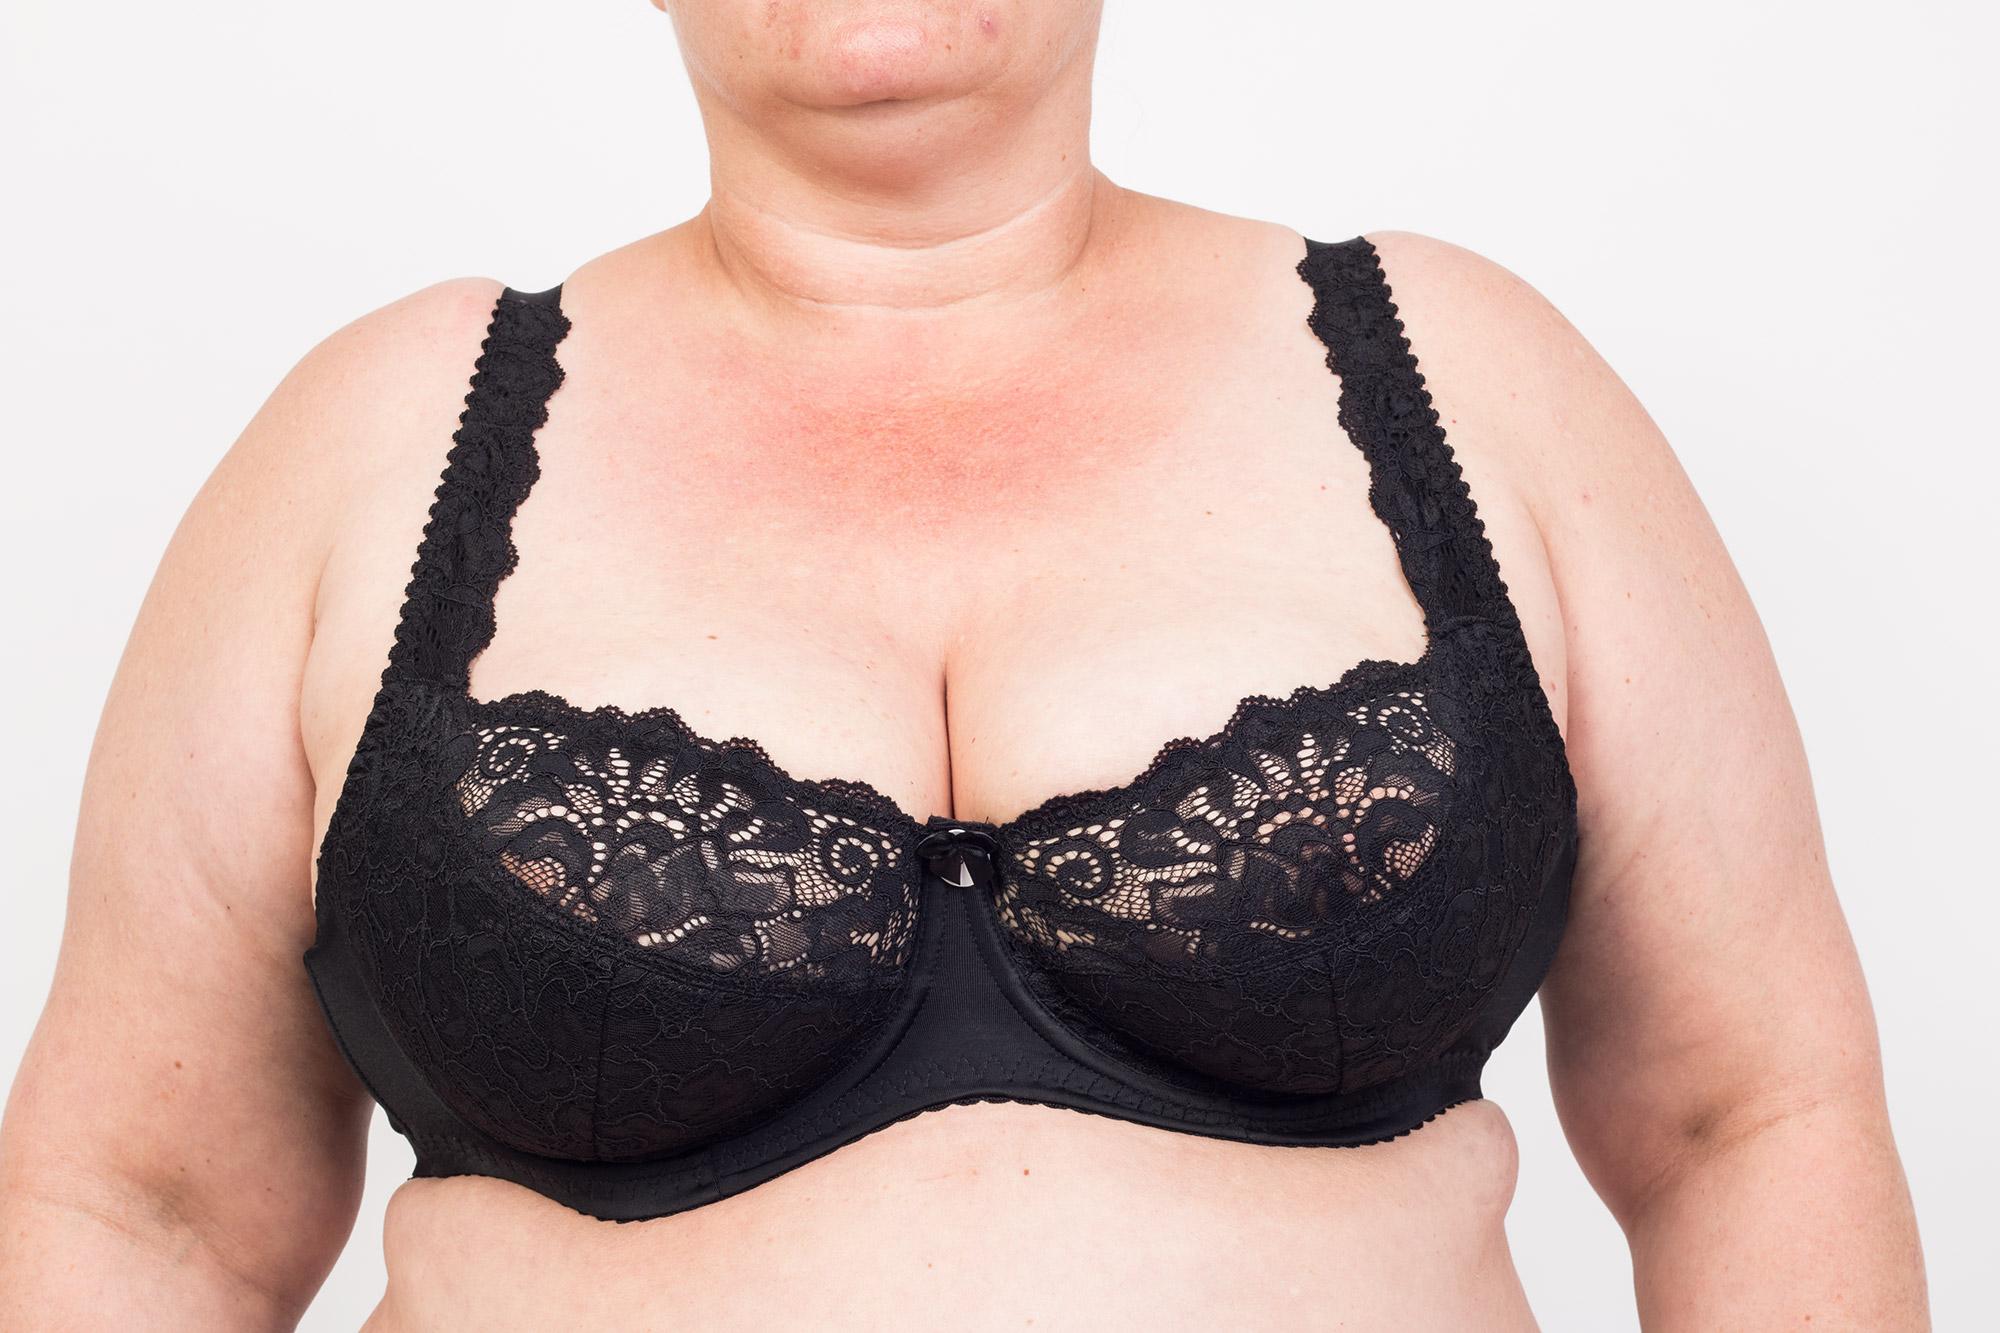 brystkirtler bh er til store barme